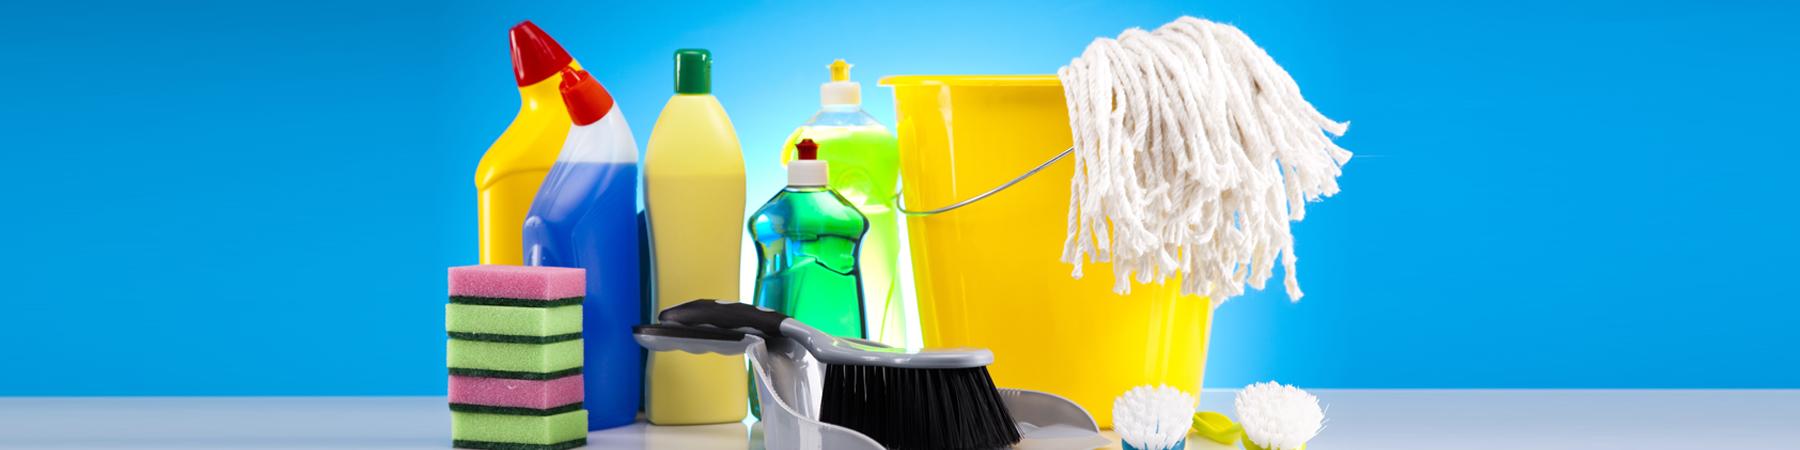 Prodotti per la pulizia professionale? Affidati a Service Paper …